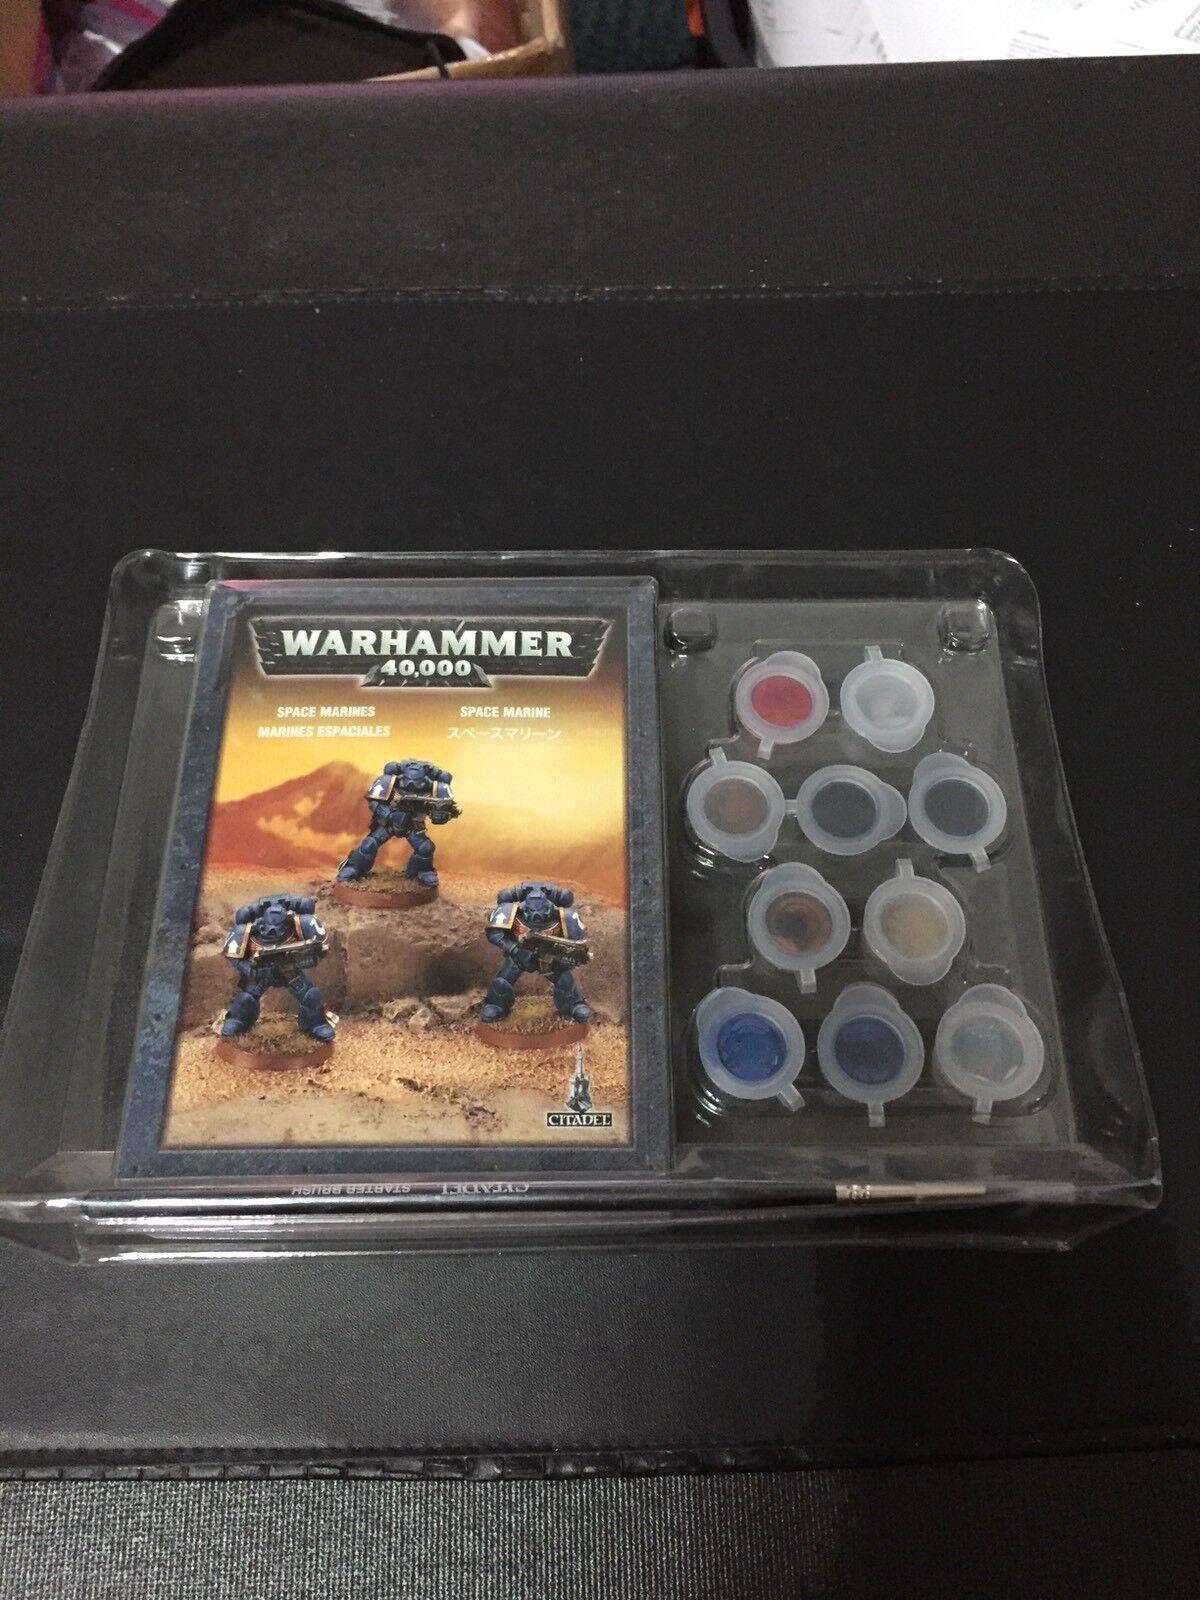 2008 Warhammer 40,000 Space Marine Paint Set